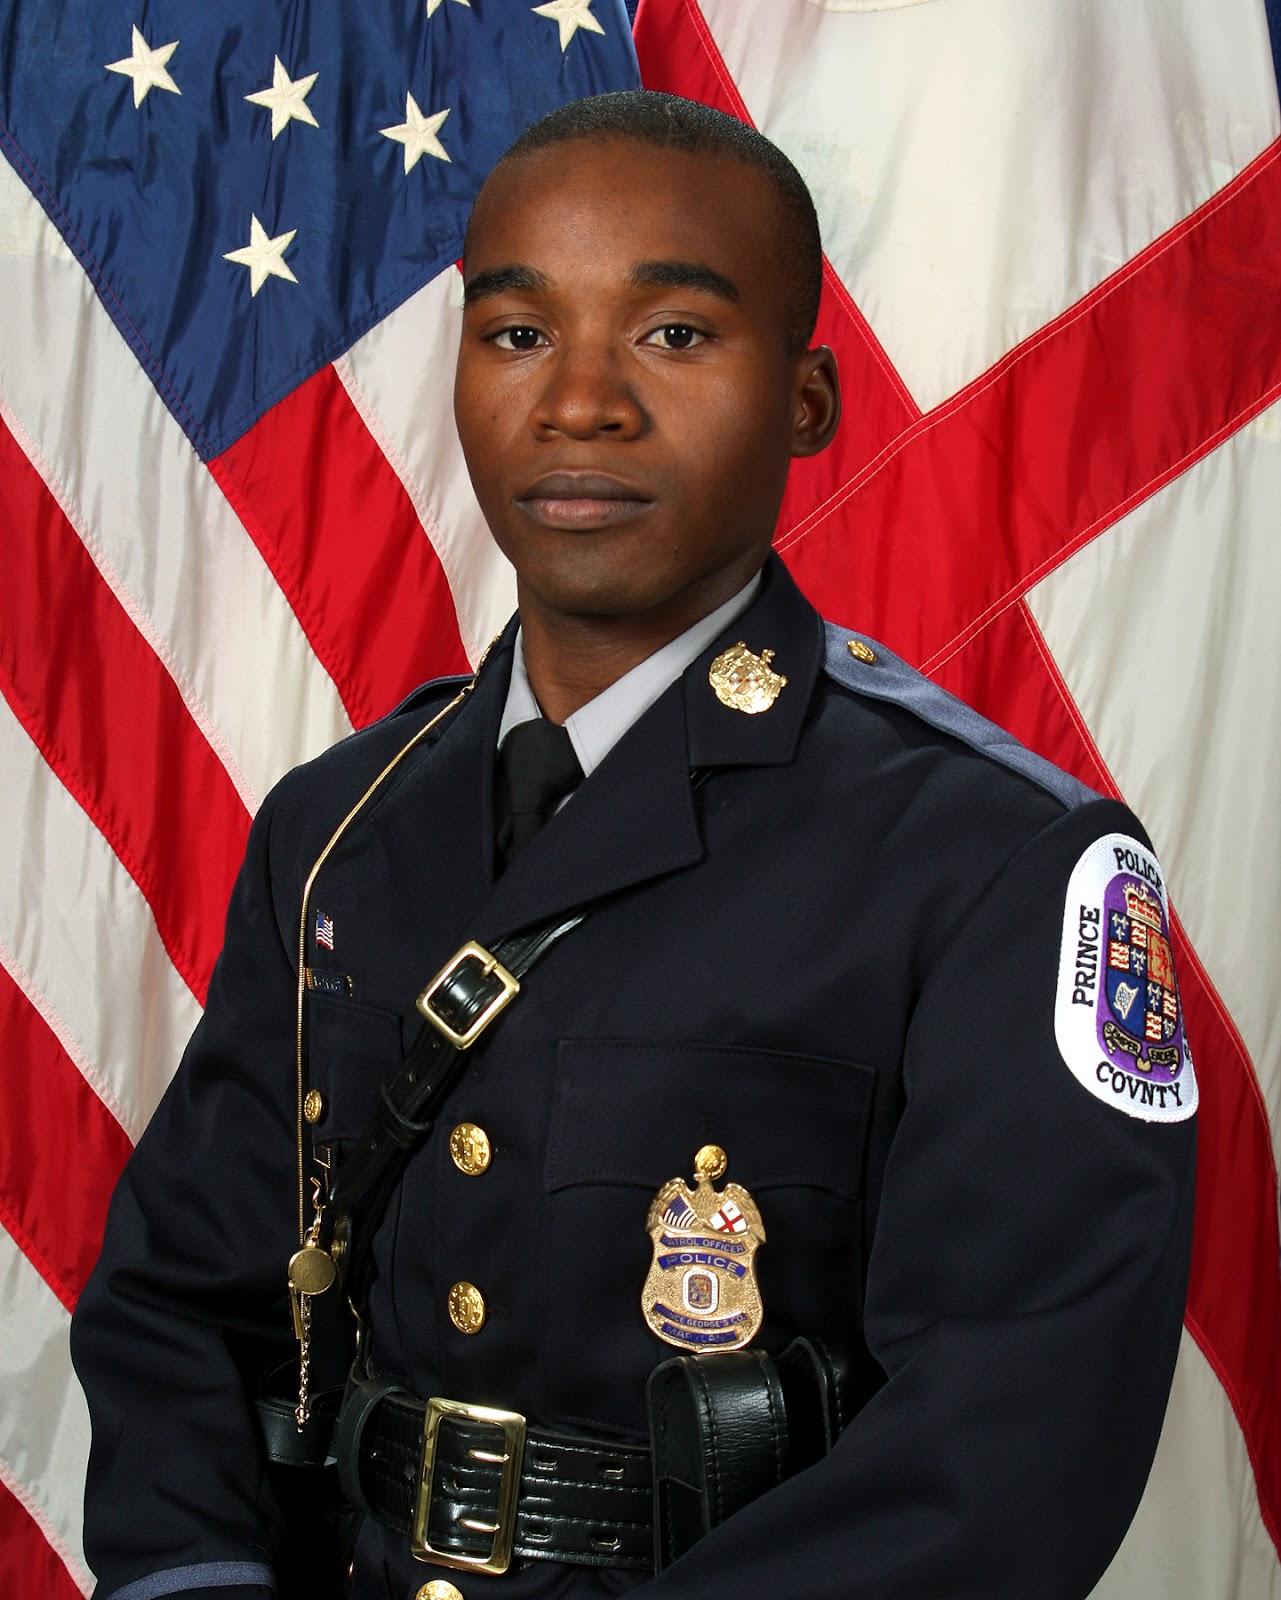 Officer's death spurs seat belt crackdown